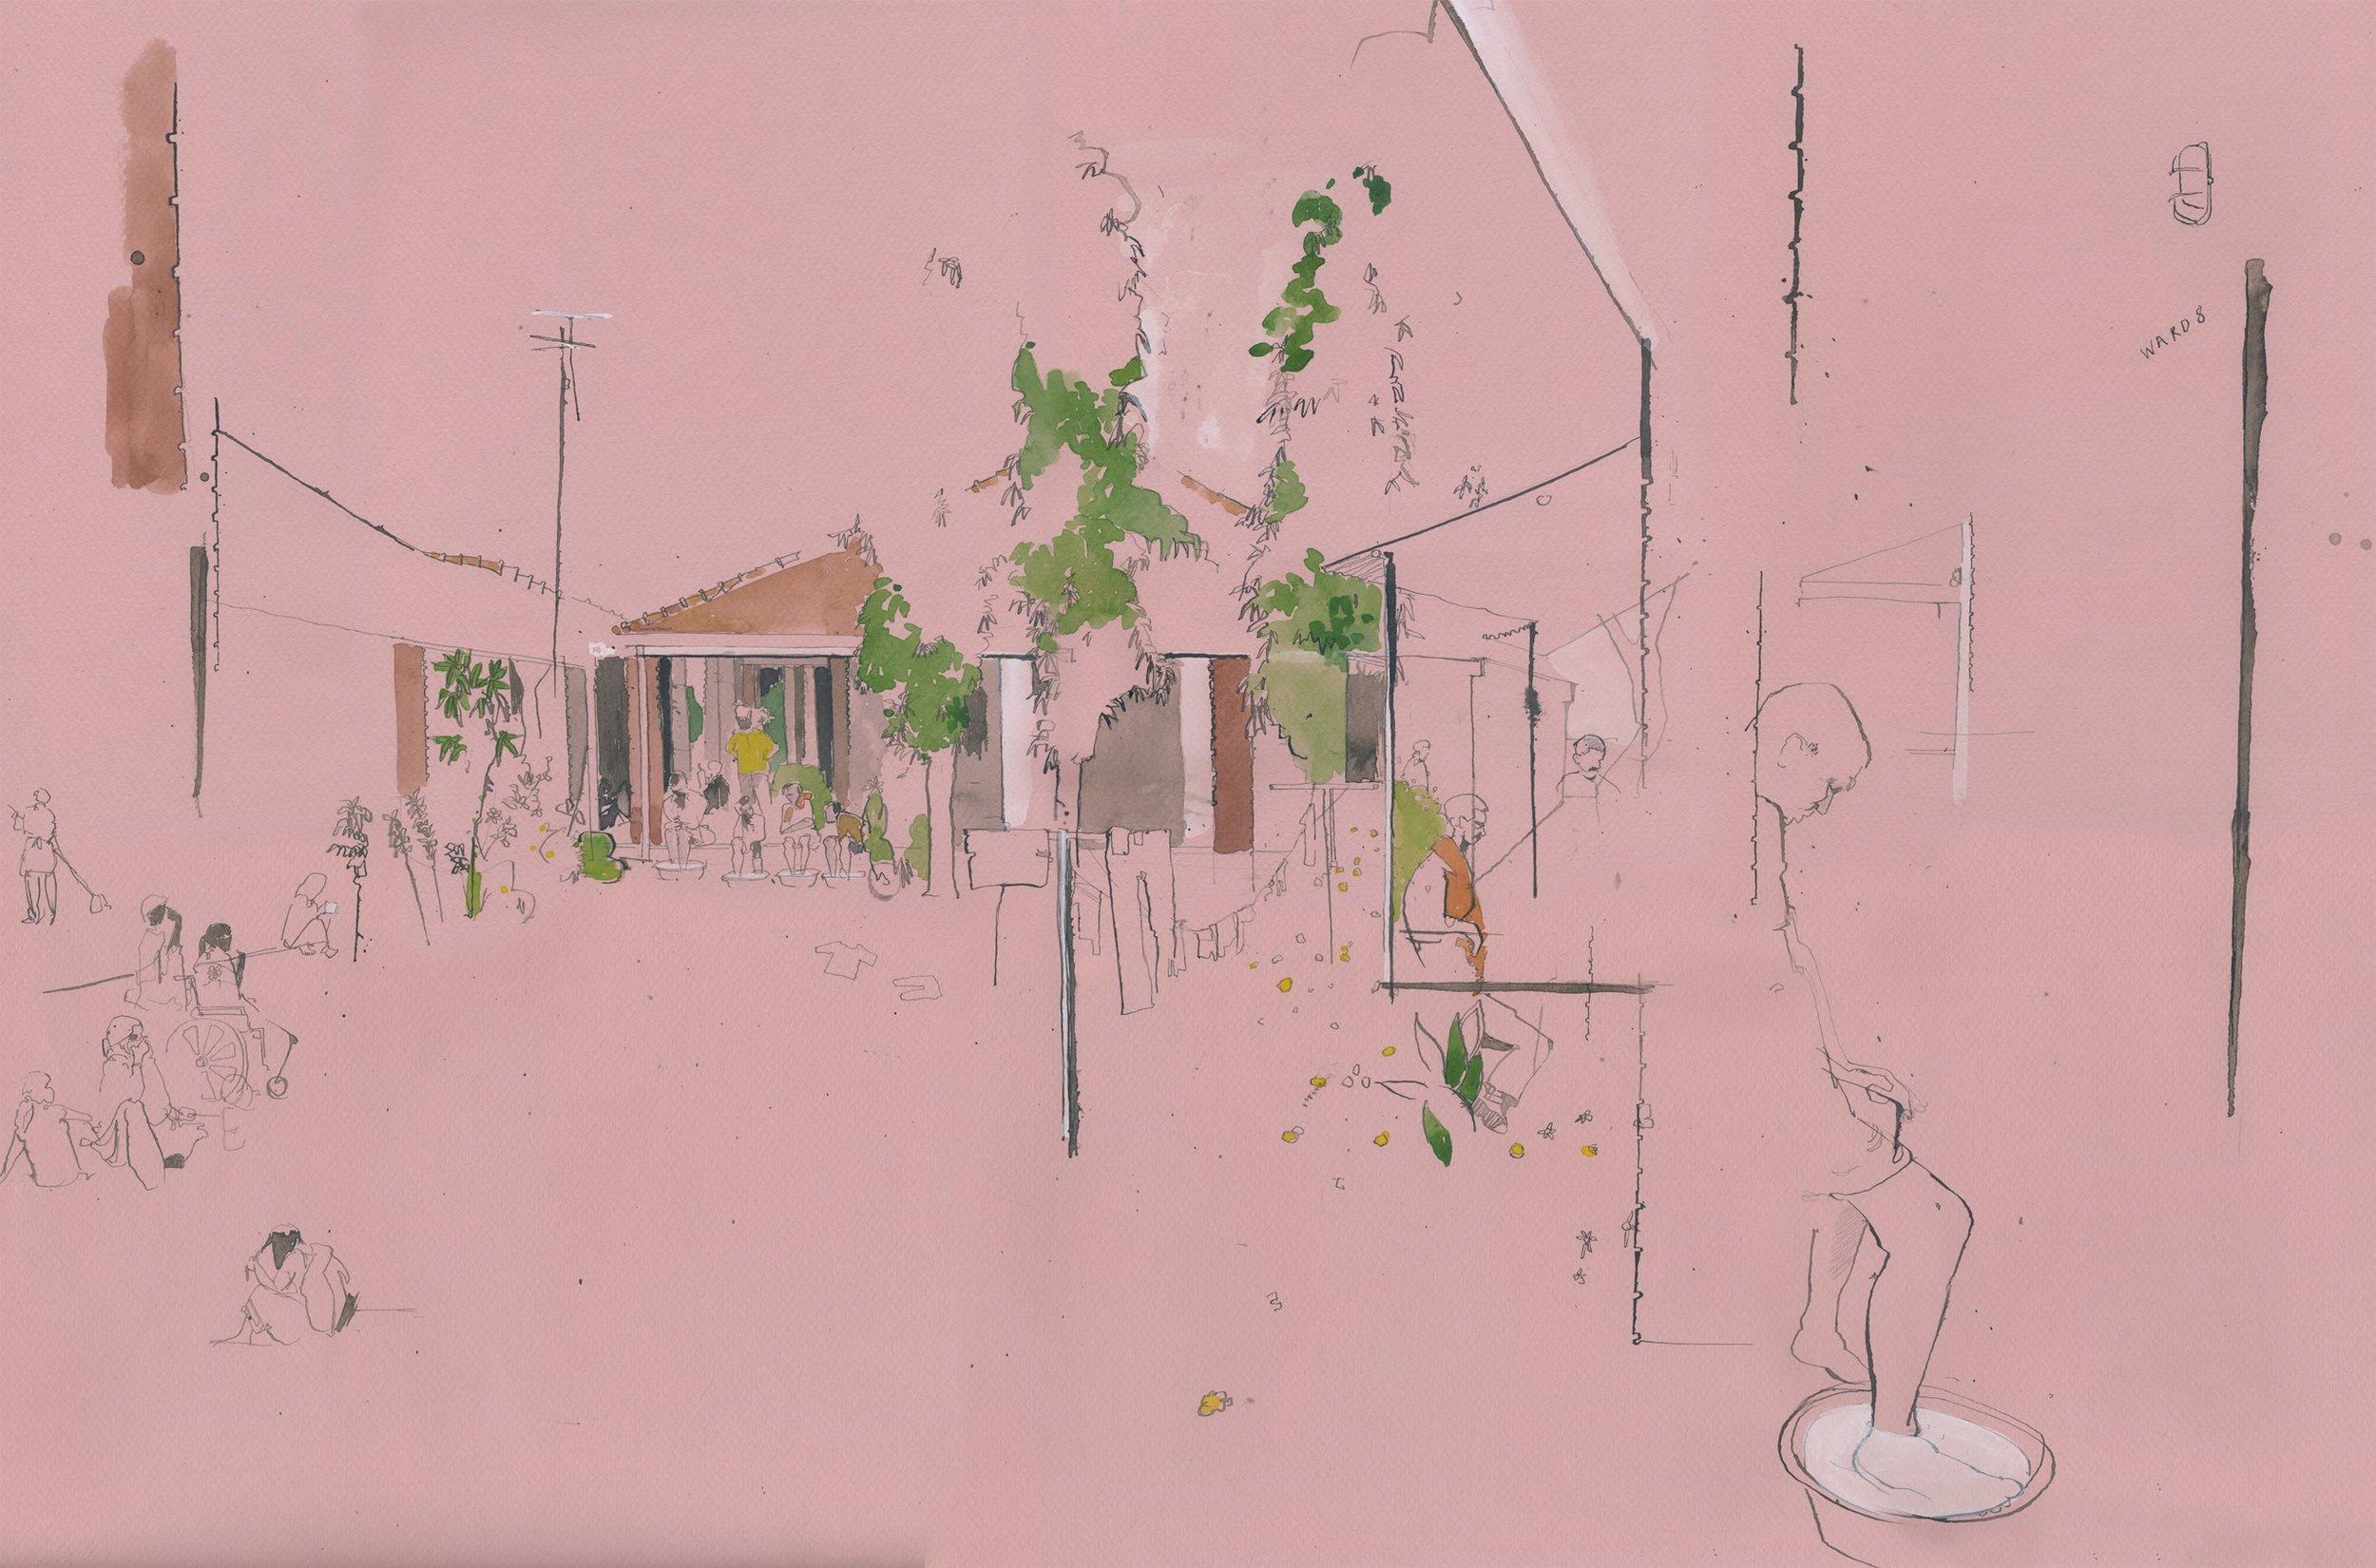 reportage-illustration-george-butler-pink.jpg